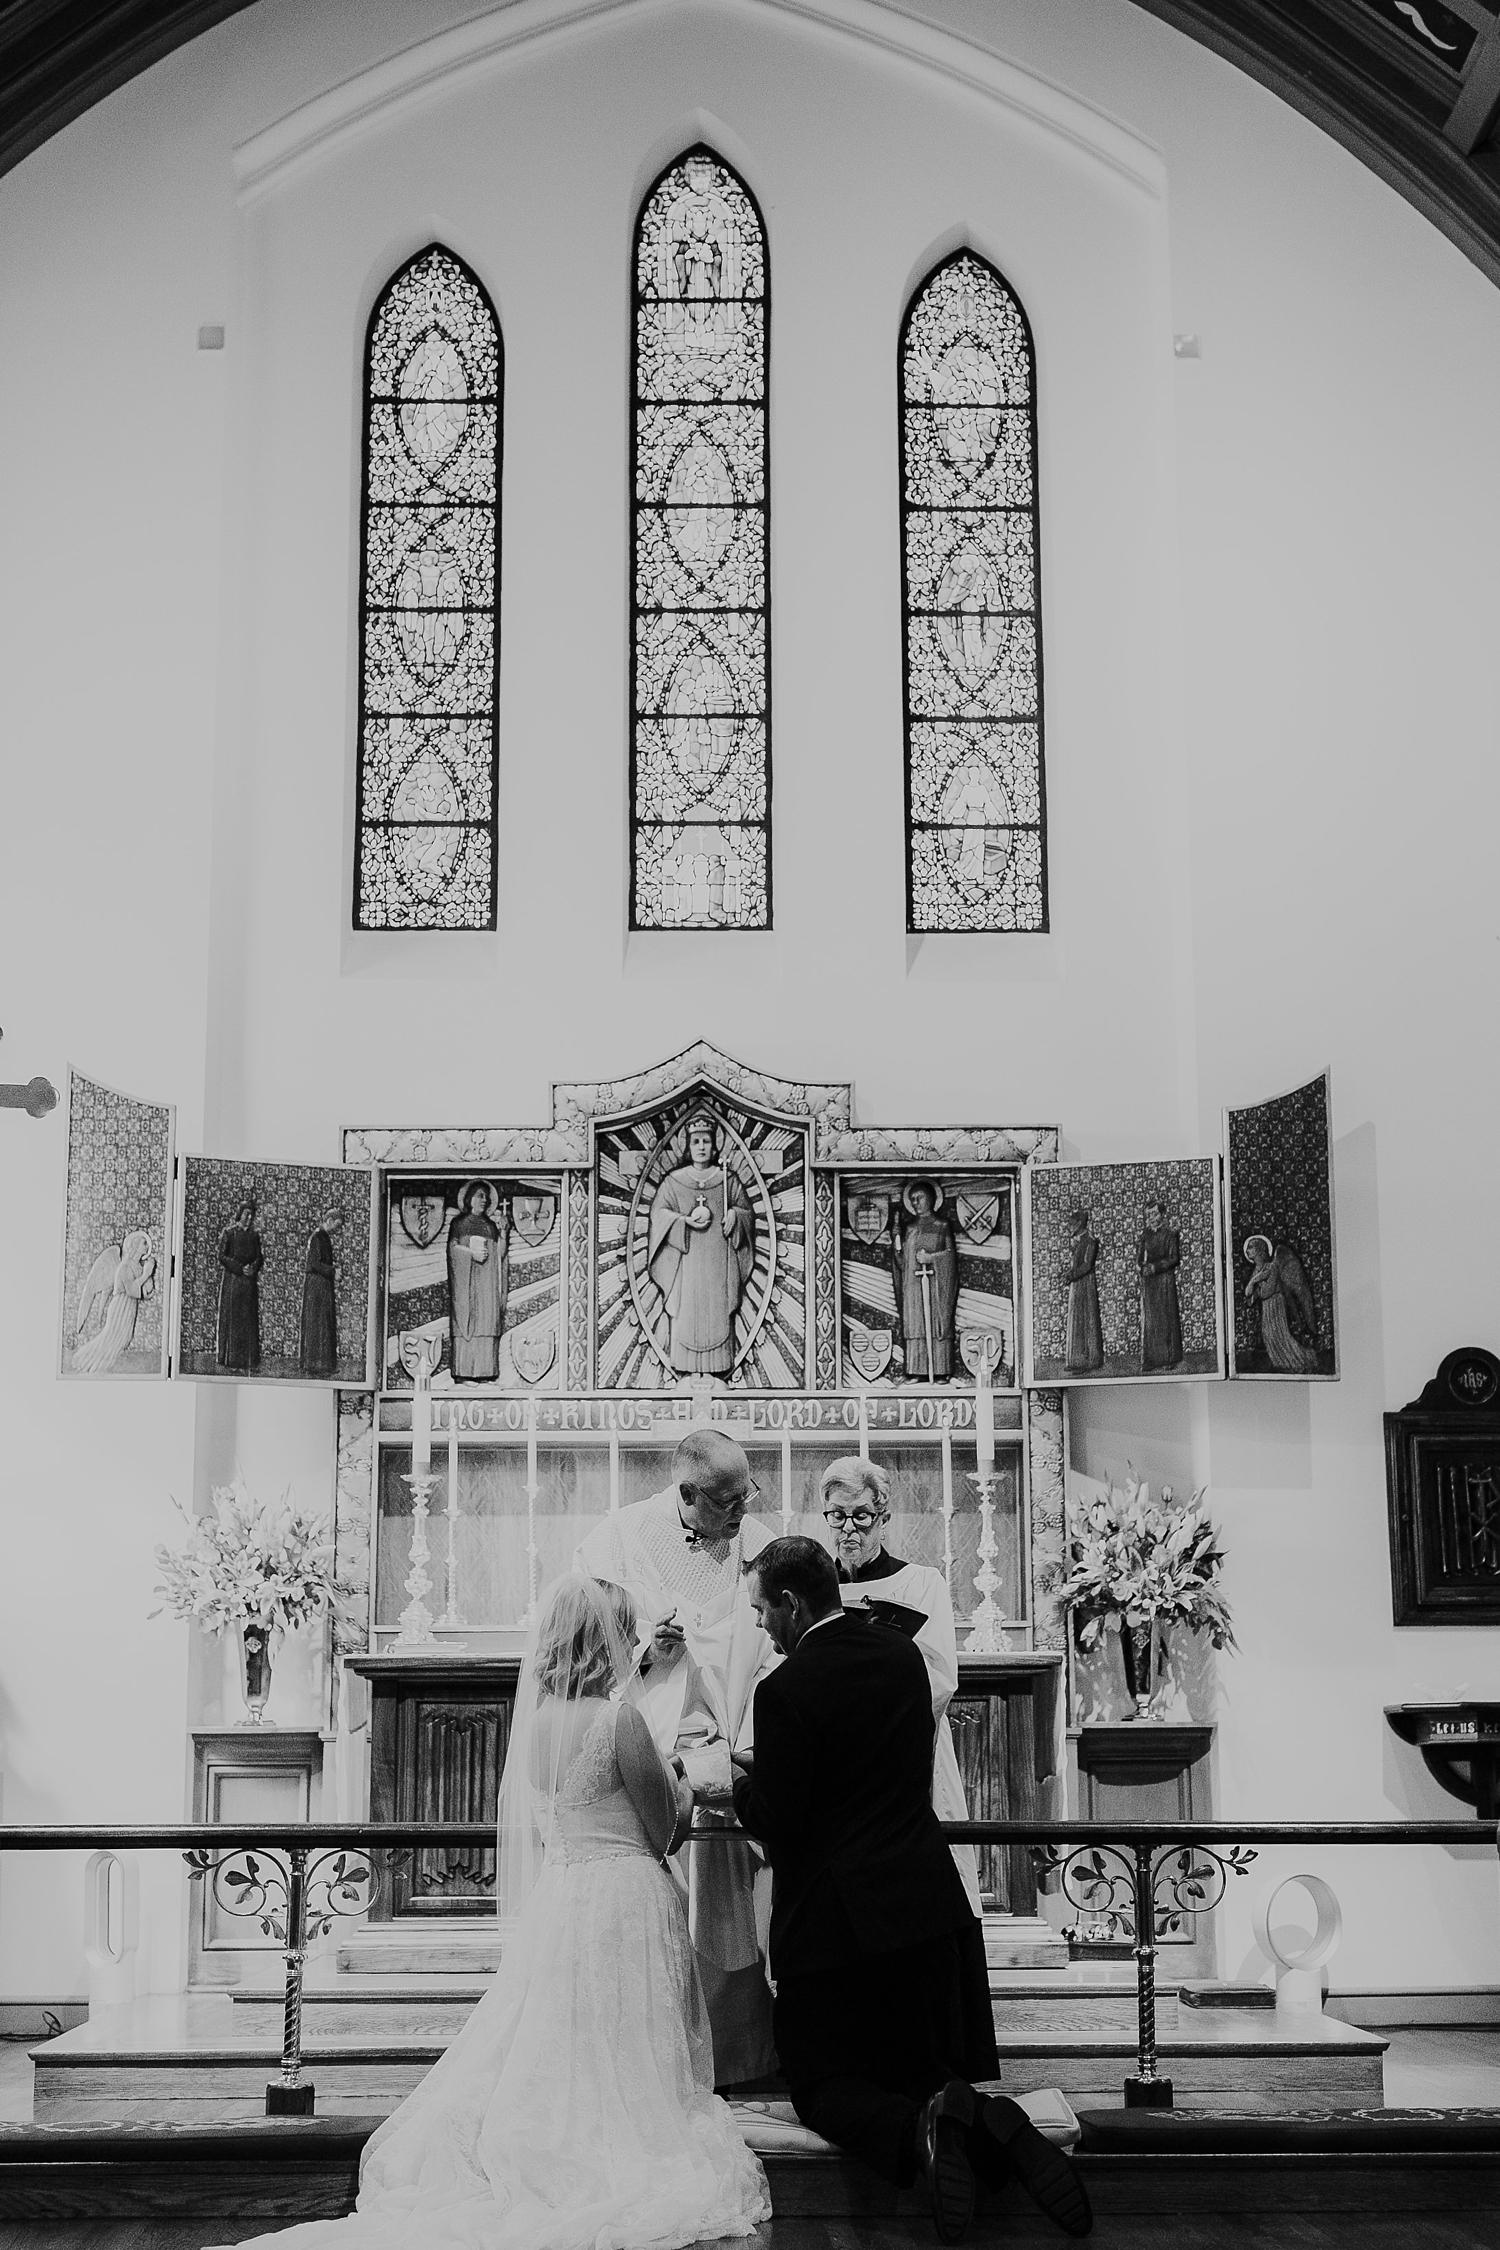 Alicia+lucia+photography+-+albuquerque+wedding+photographer+-+santa+fe+wedding+photography+-+new+mexico+wedding+photographer+-+la+fonda+wedding+-+la+fonda+fall+wedding+-+intimate+la+fonda+wedding_0024.jpg